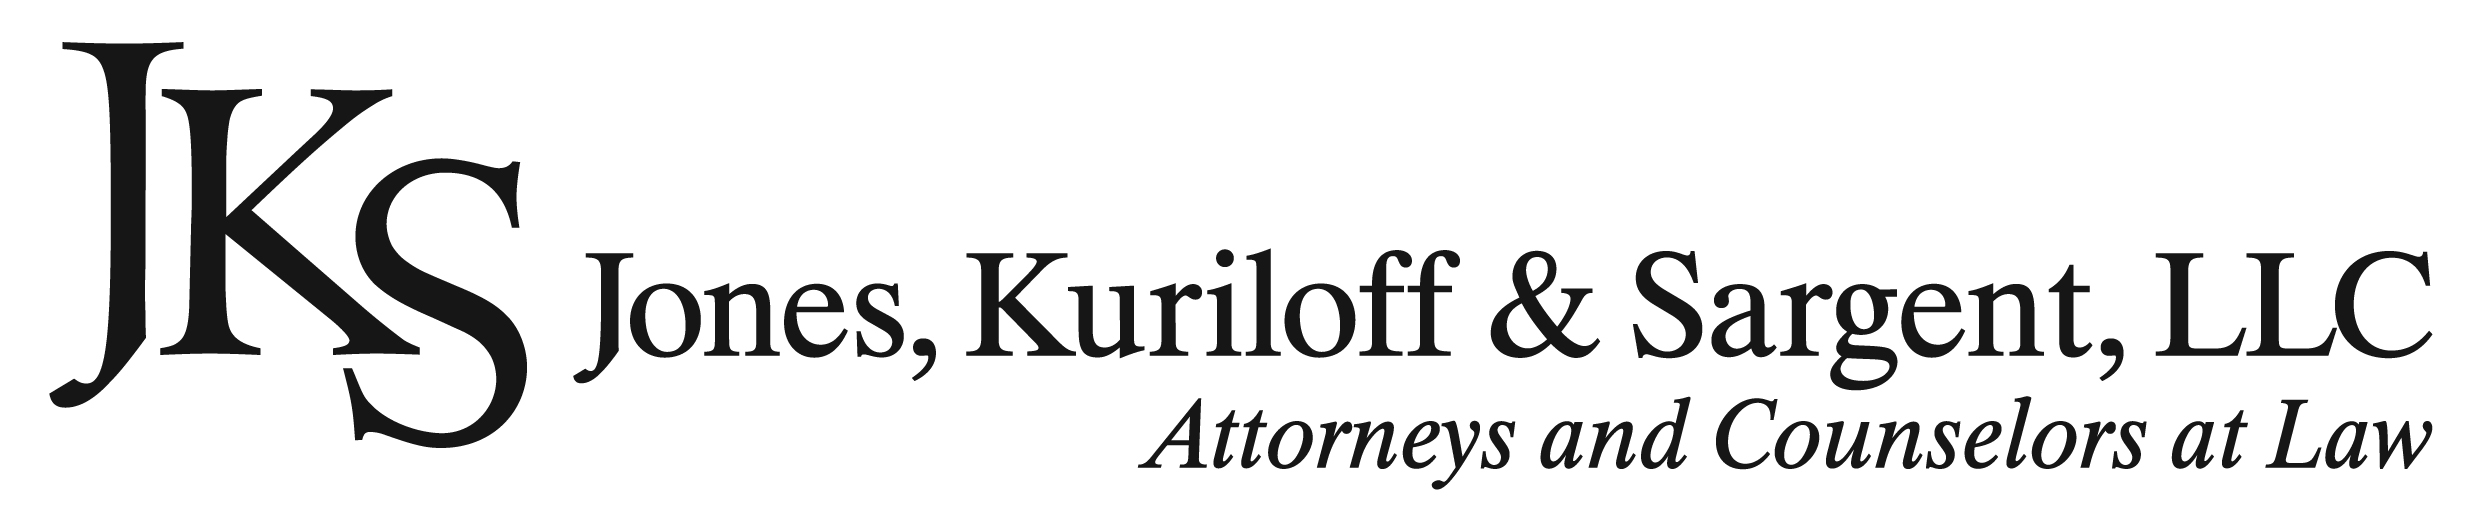 Jones, Kuriloff & Sargent, LLC